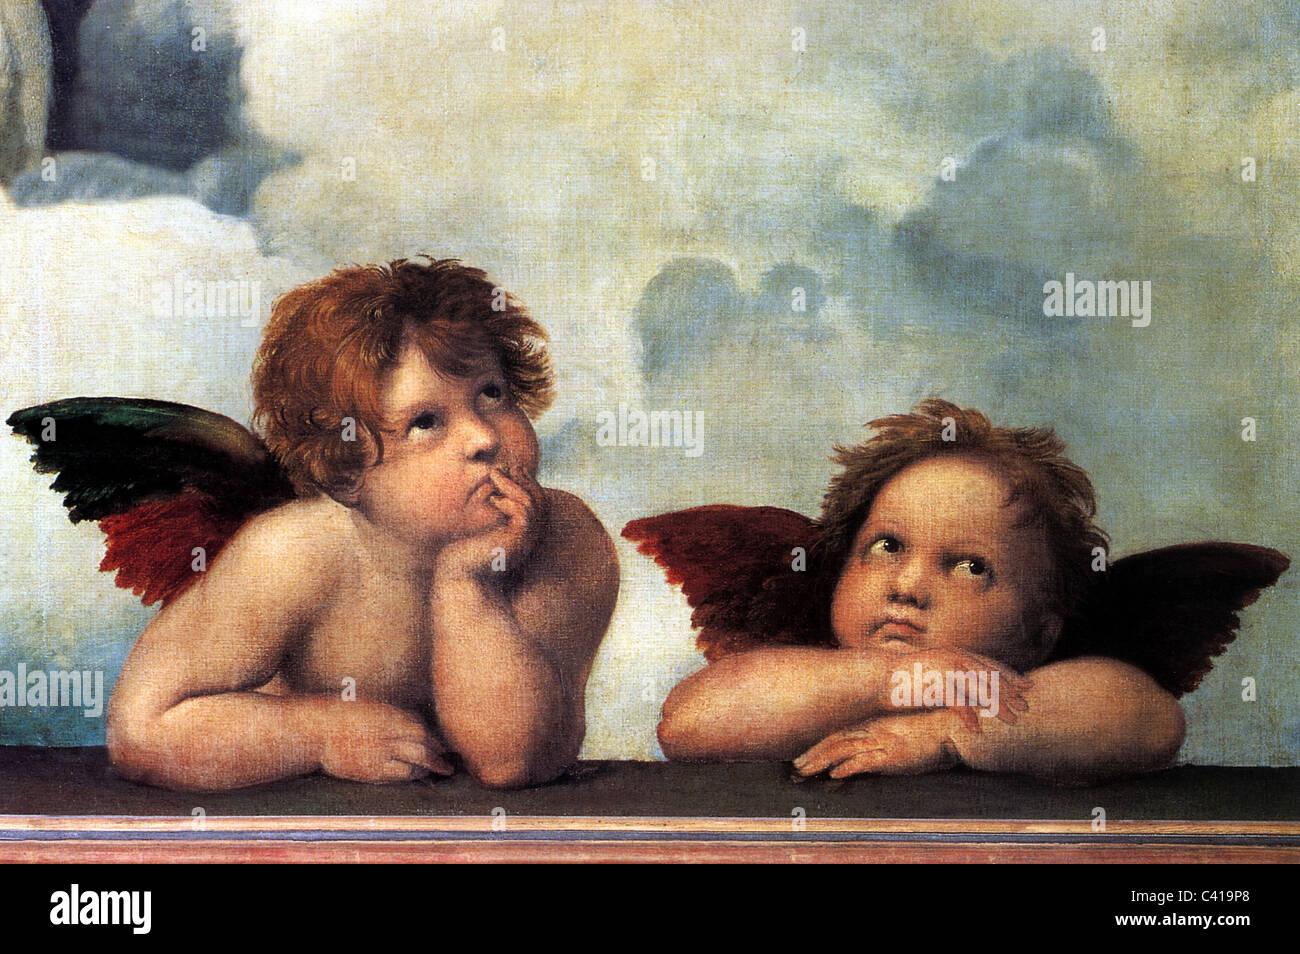 Bildende Kunst, Raphael, Santi: 'Die Engel der Sixtinischen Madonna', Detail aus dem Gemälde 'Sistine Madonna', Stockfoto